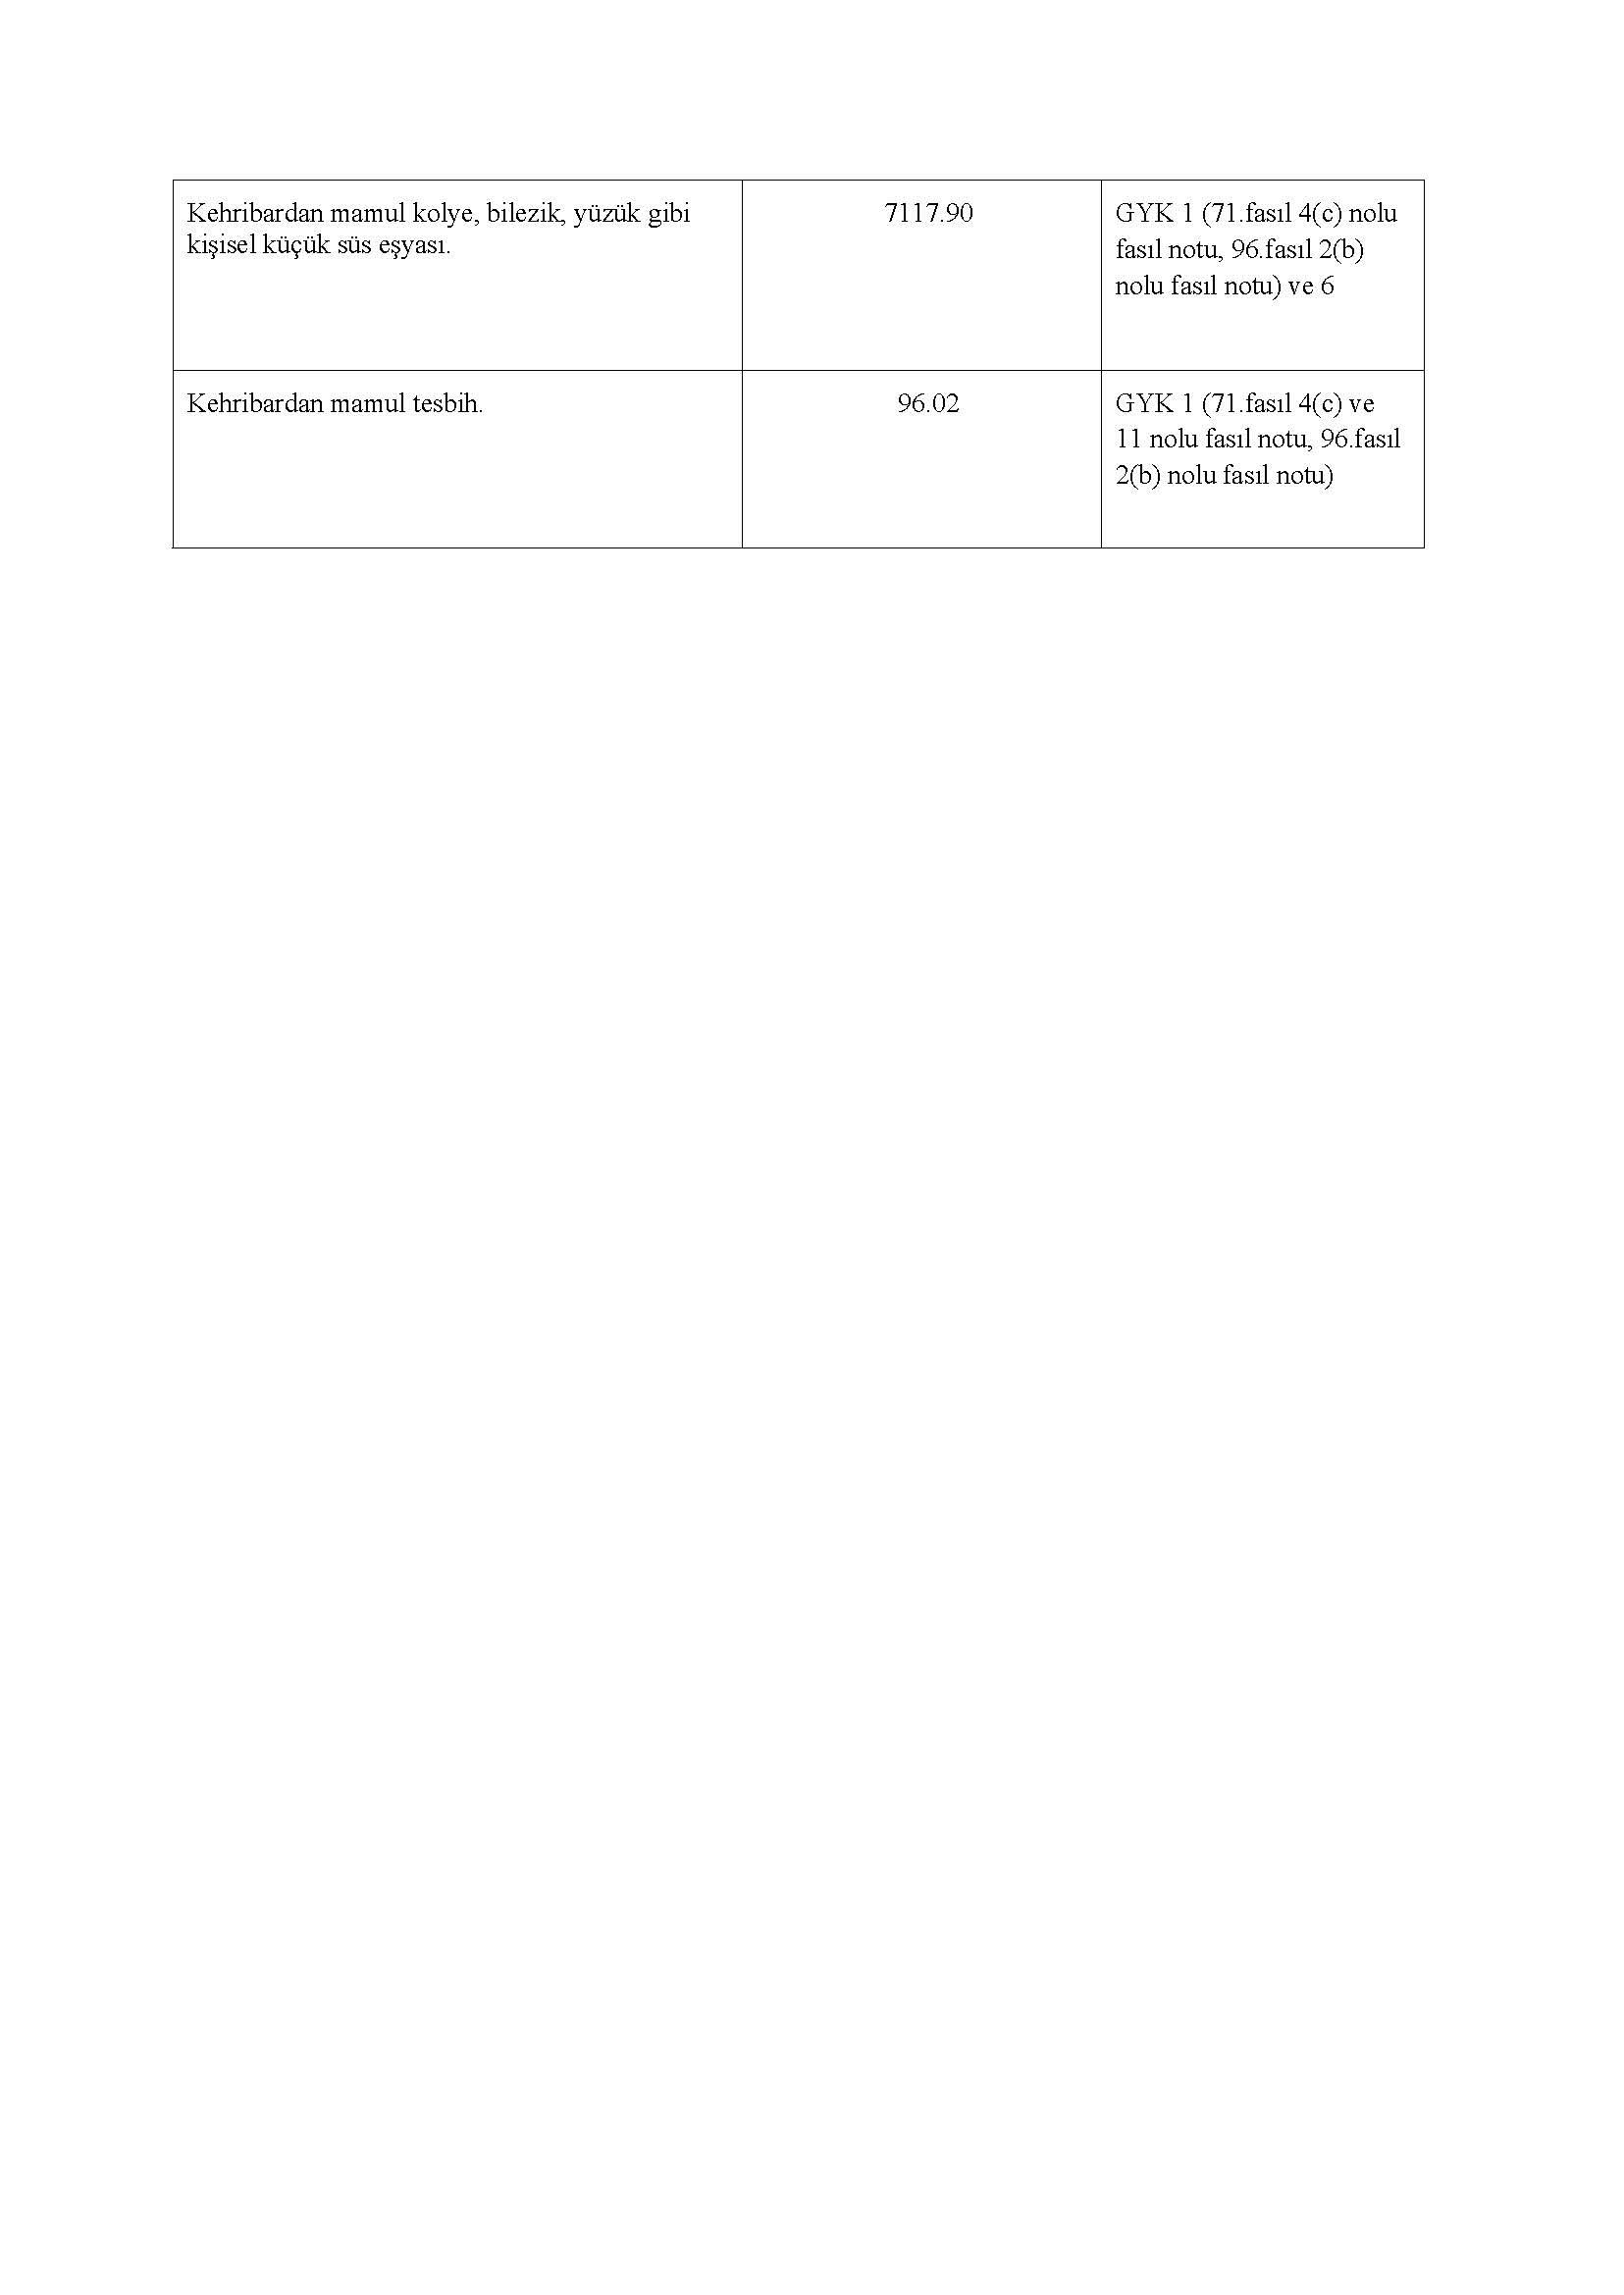 Genelge 2020-19 Muhtelif Eşyanın Sınıflandırılmasında Dikkate Alınacak Hususlar_Sayfa_3